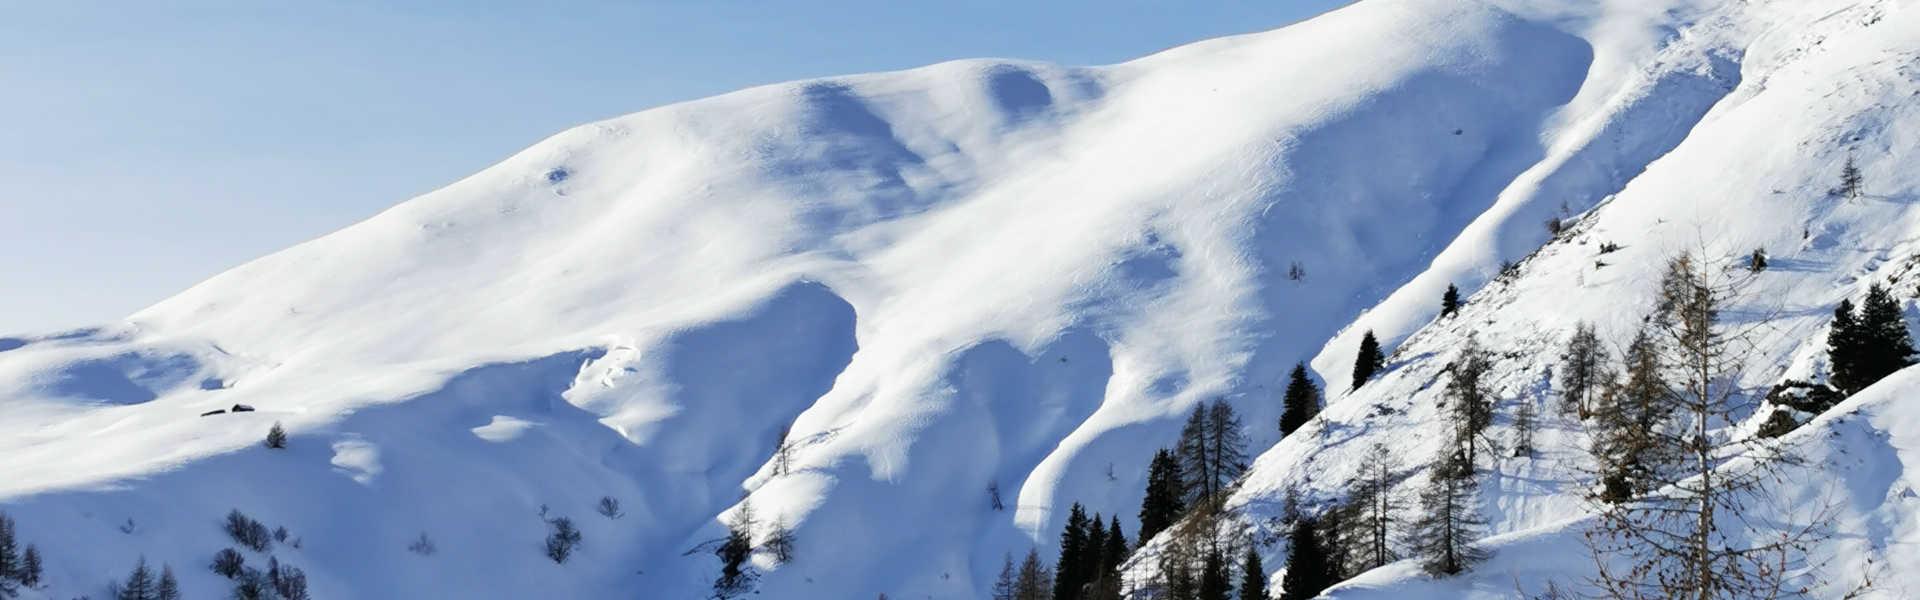 Freizeit - Winterfreizeit - Skitouren - Headerbild